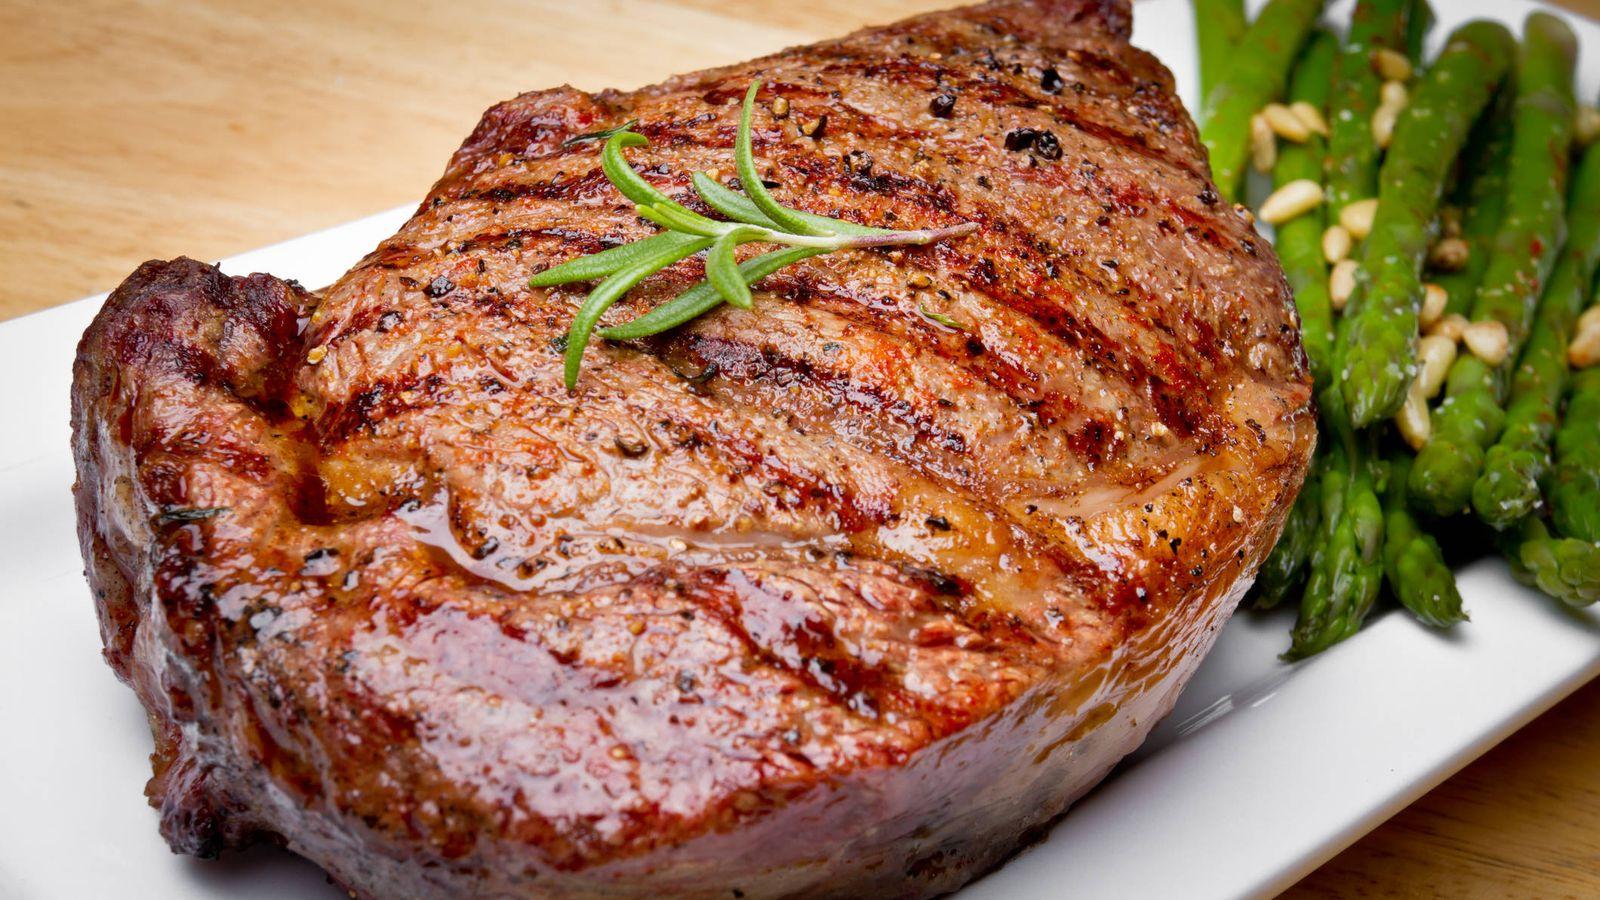 Como Cocinar Filetes De Ternera | Alimentacion Cocinas Mal El Filete De Ternera Esta Es La Mejor